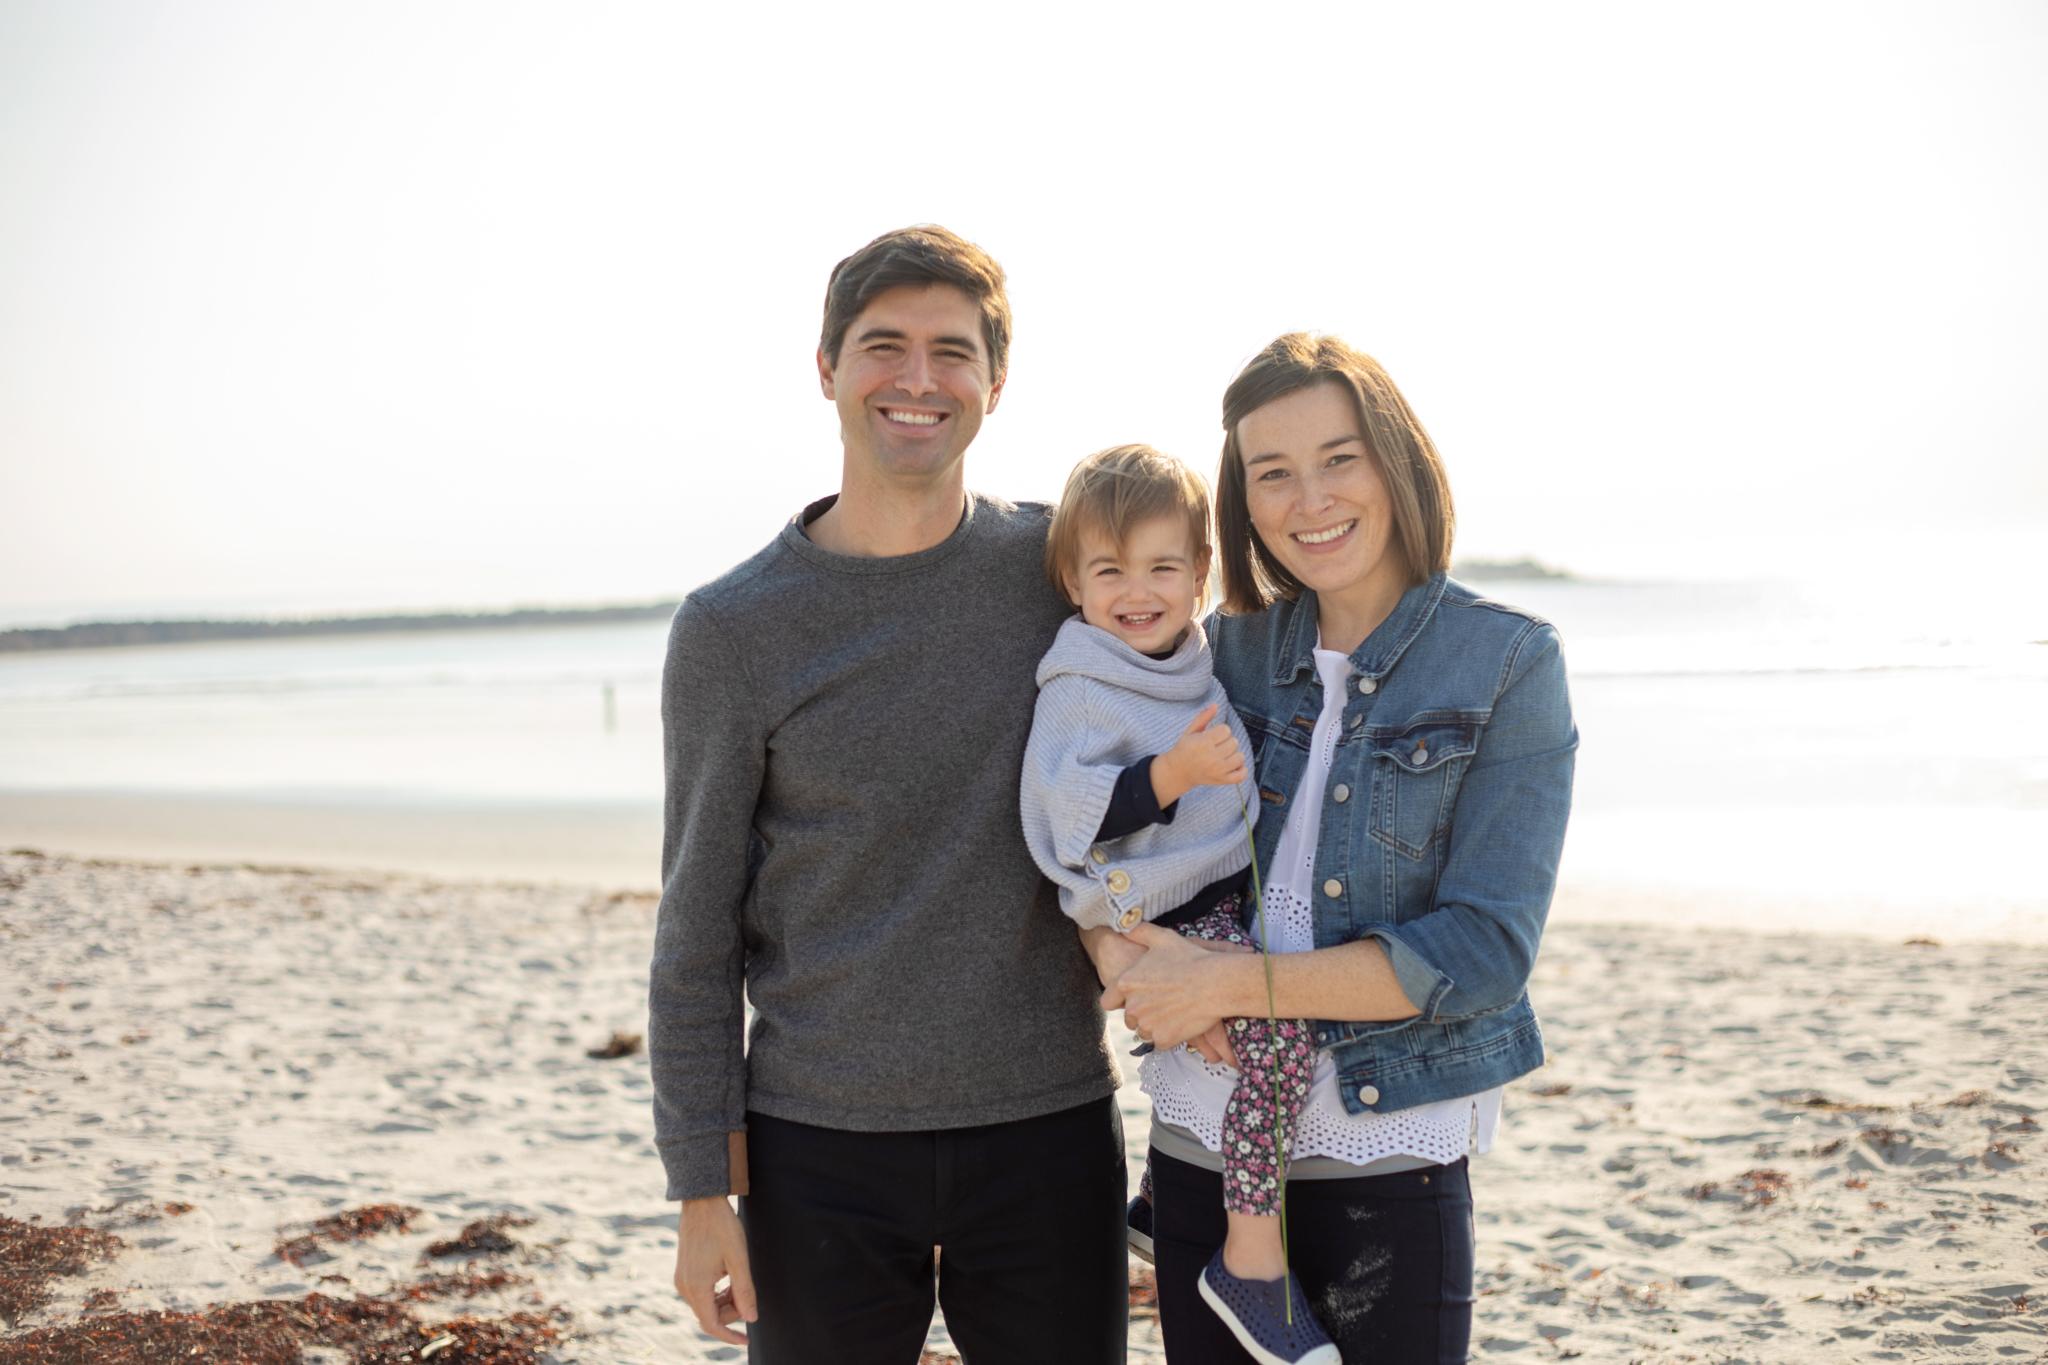 maine-family-photographer-pine-point-beach -14.jpg